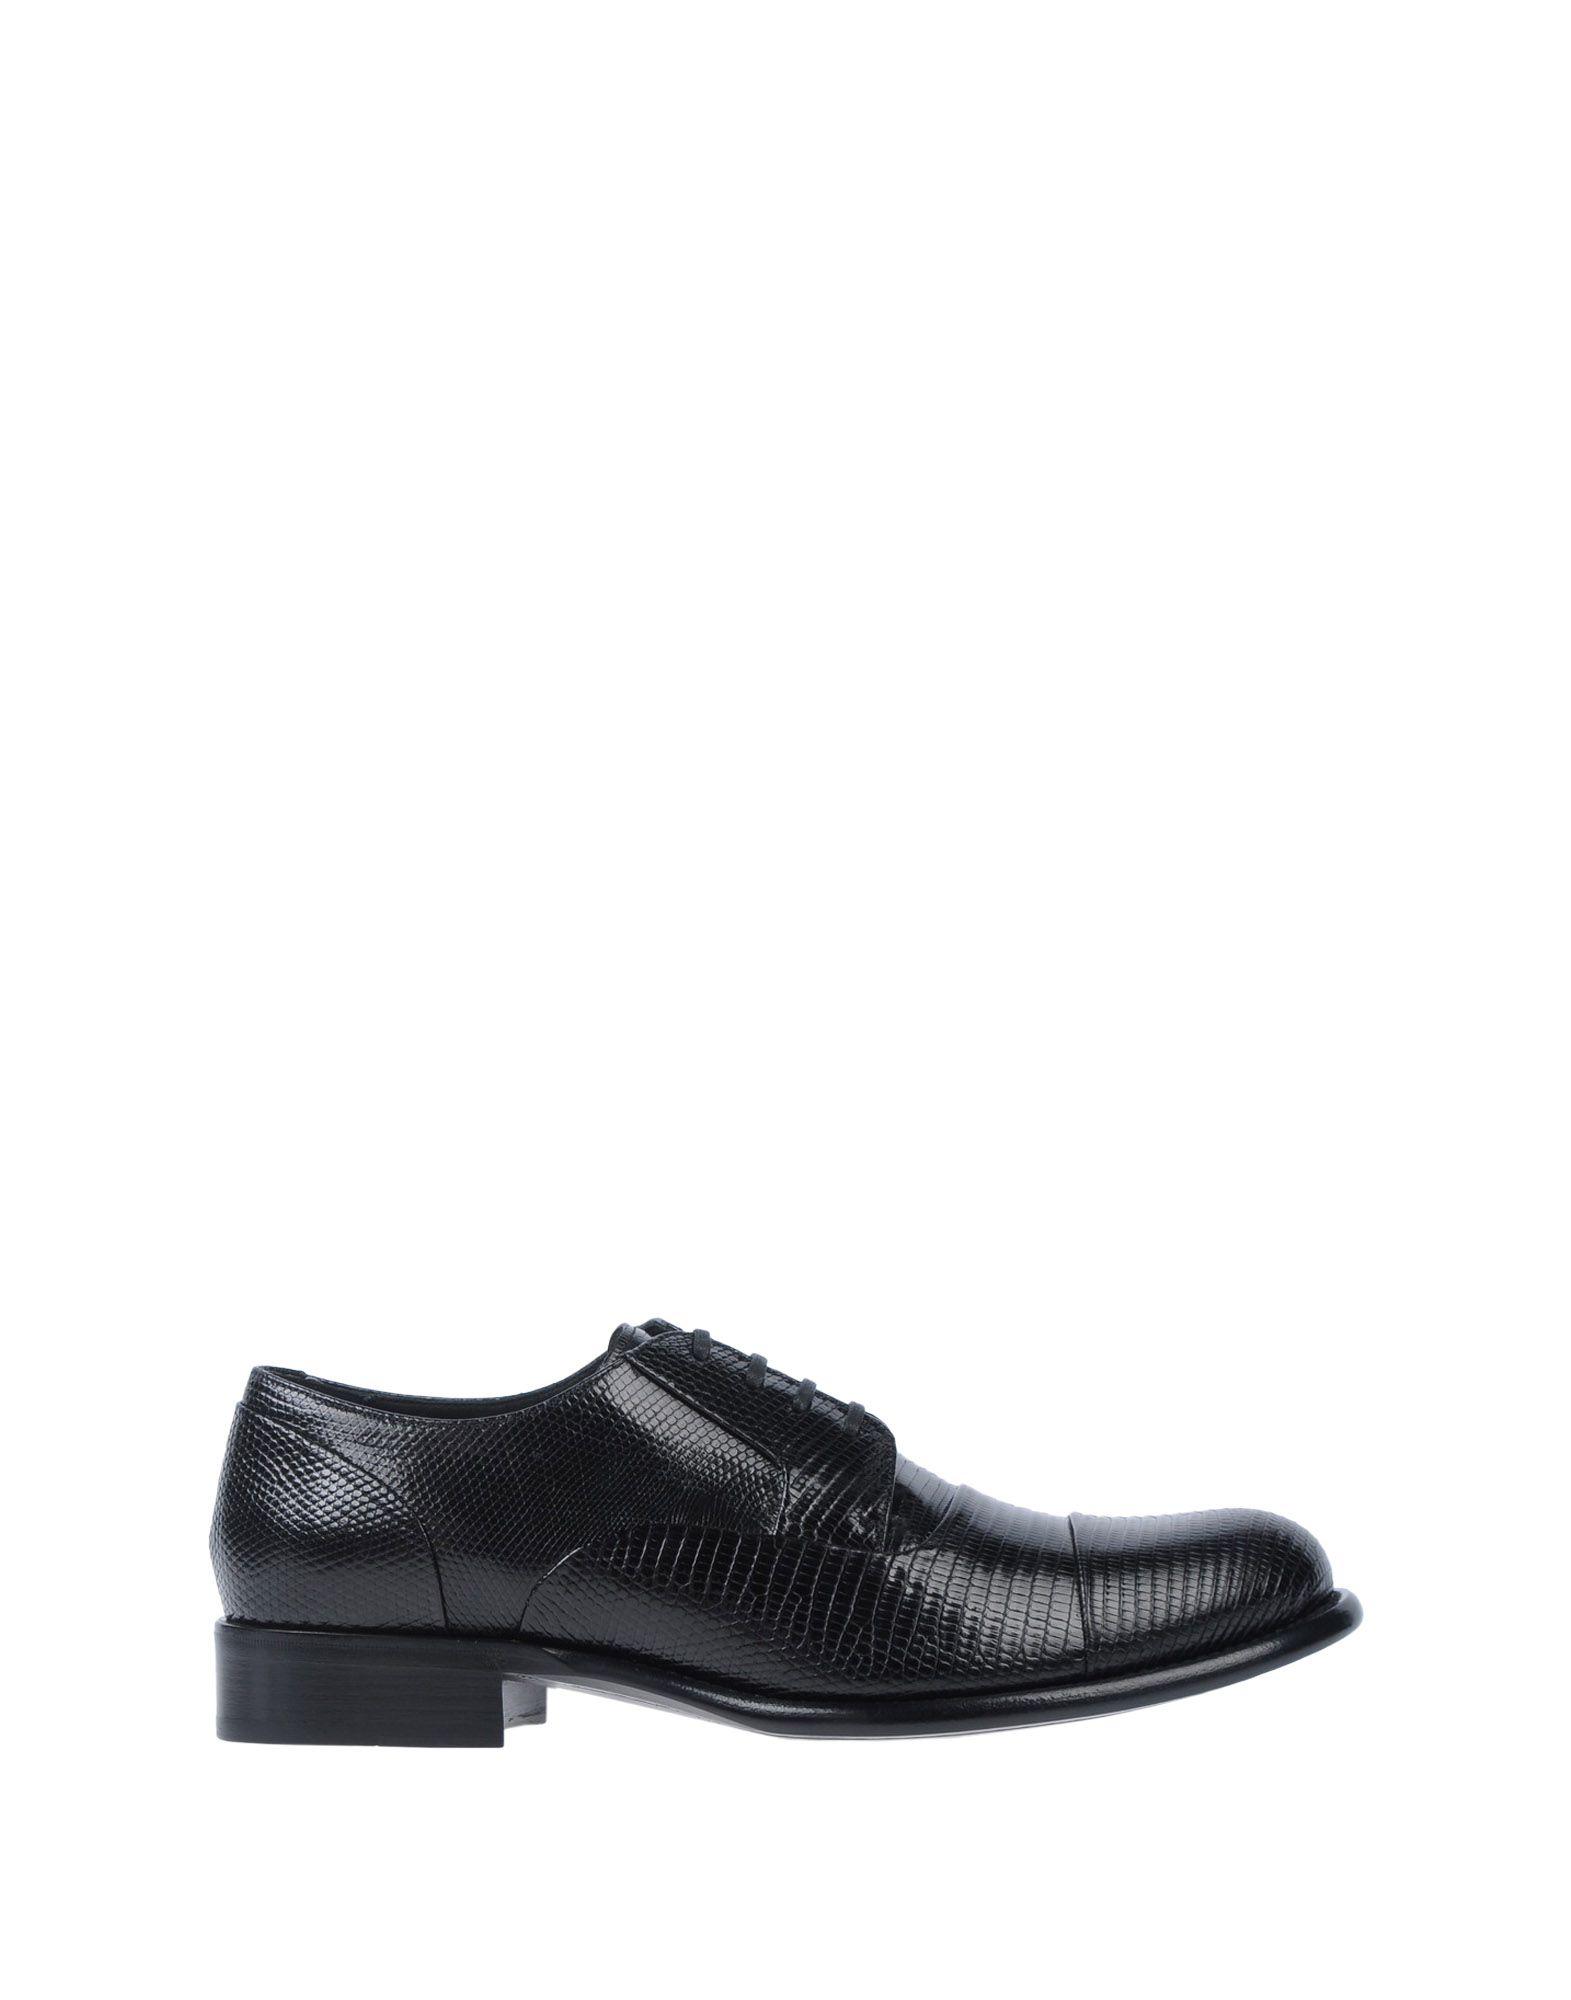 Dolce & Gabbana Schnürschuhe Herren  11507024TO Gute Qualität beliebte beliebte beliebte Schuhe dd6de9